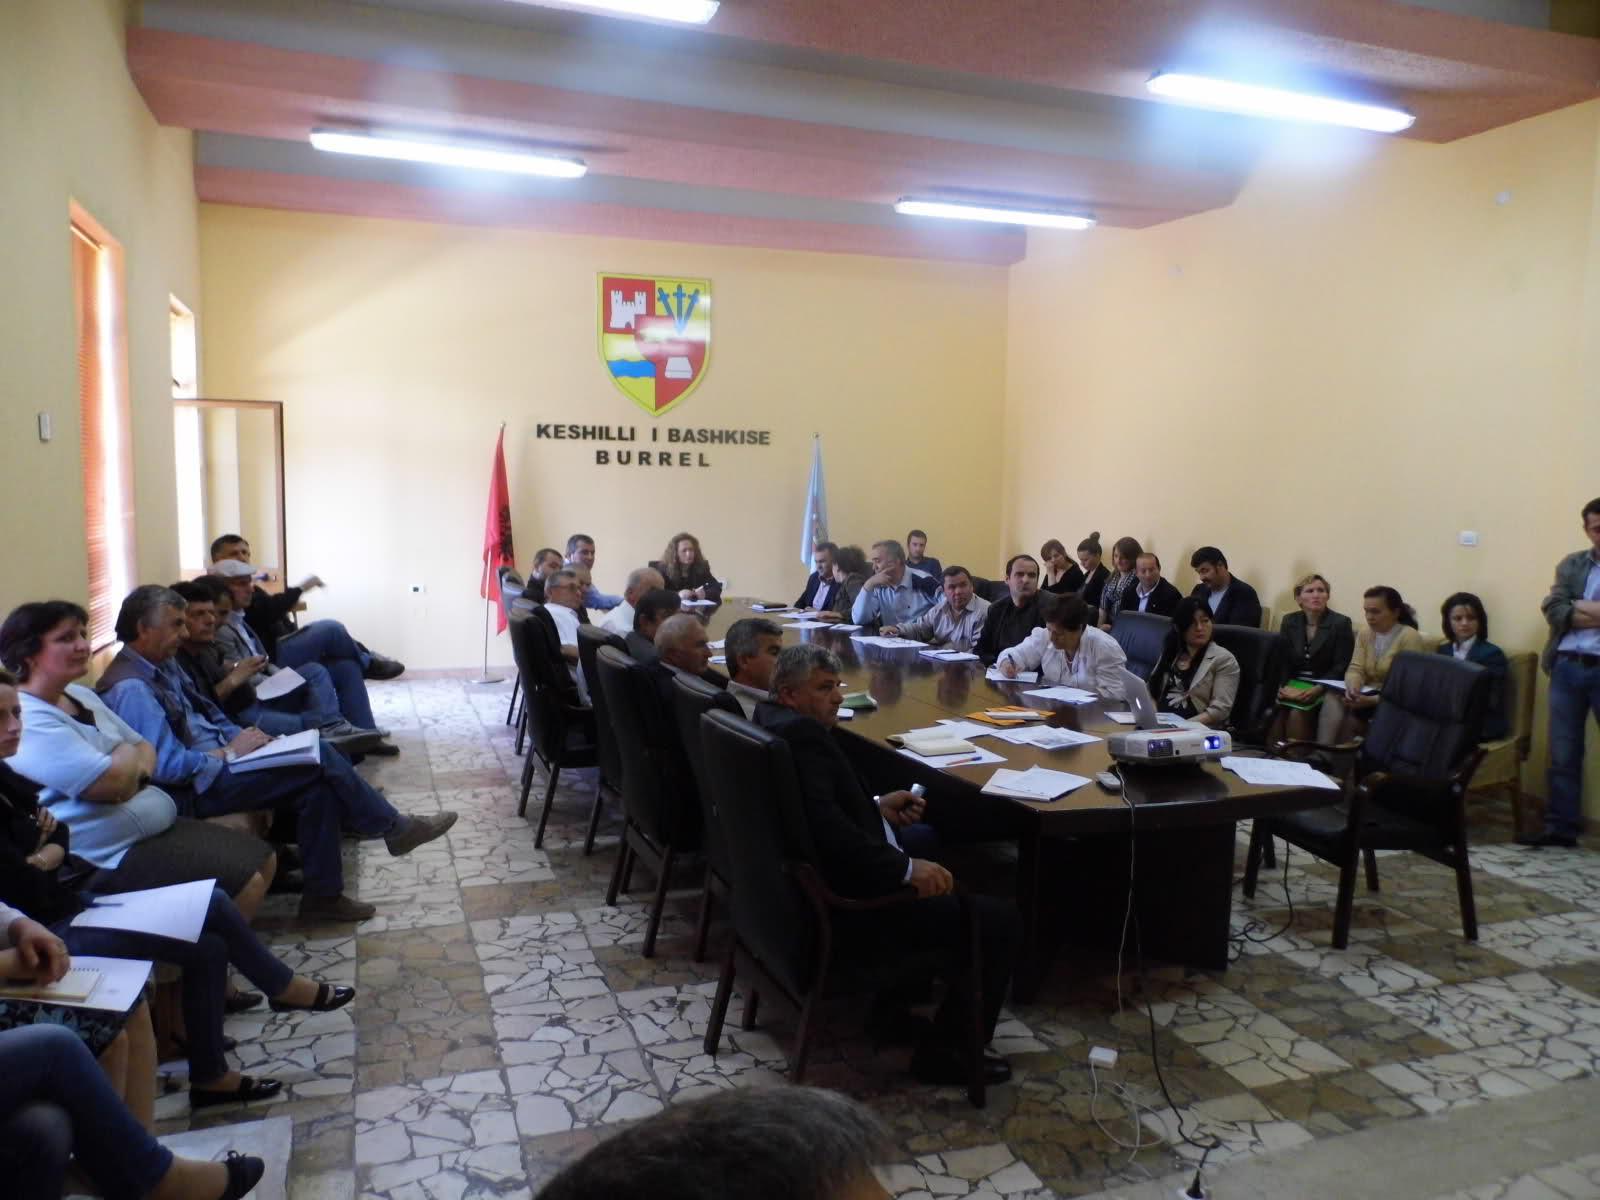 Mbledhja e Keshillit te Partneritetit per Zhvillimin Strategjik te bashkise Burrel